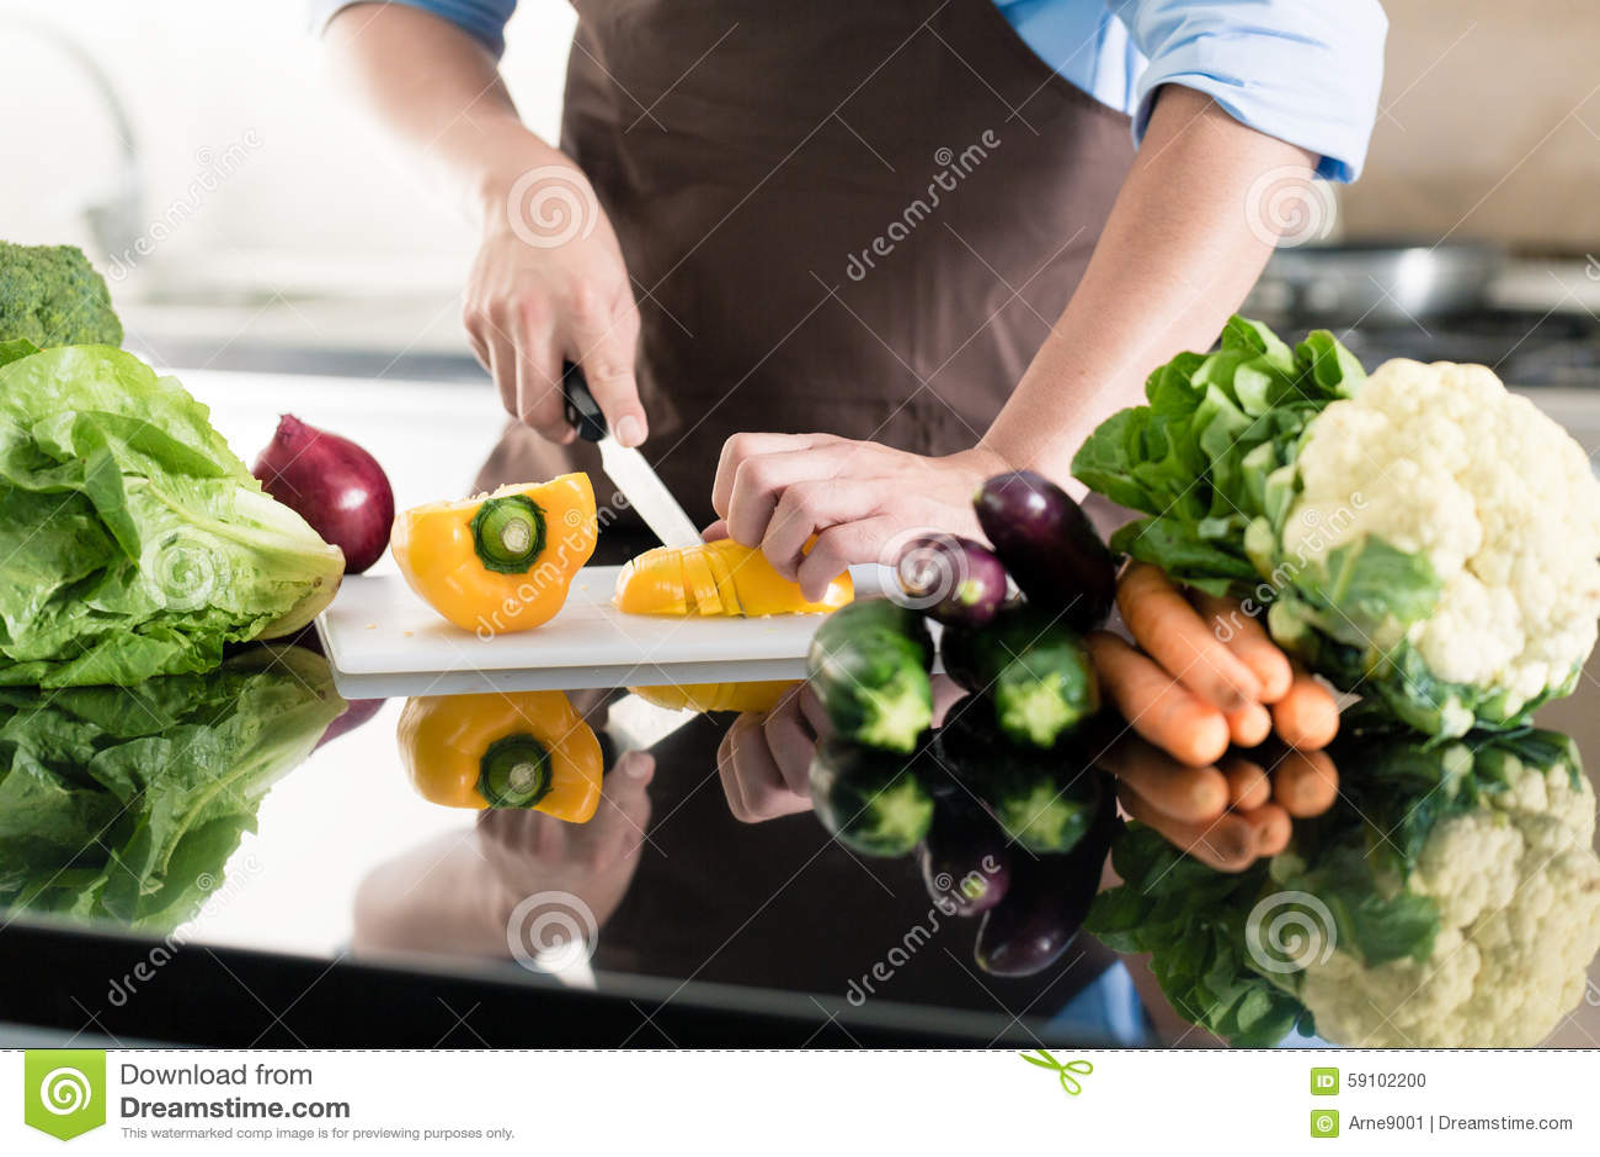 烹调和准备沙拉的人在厨房里